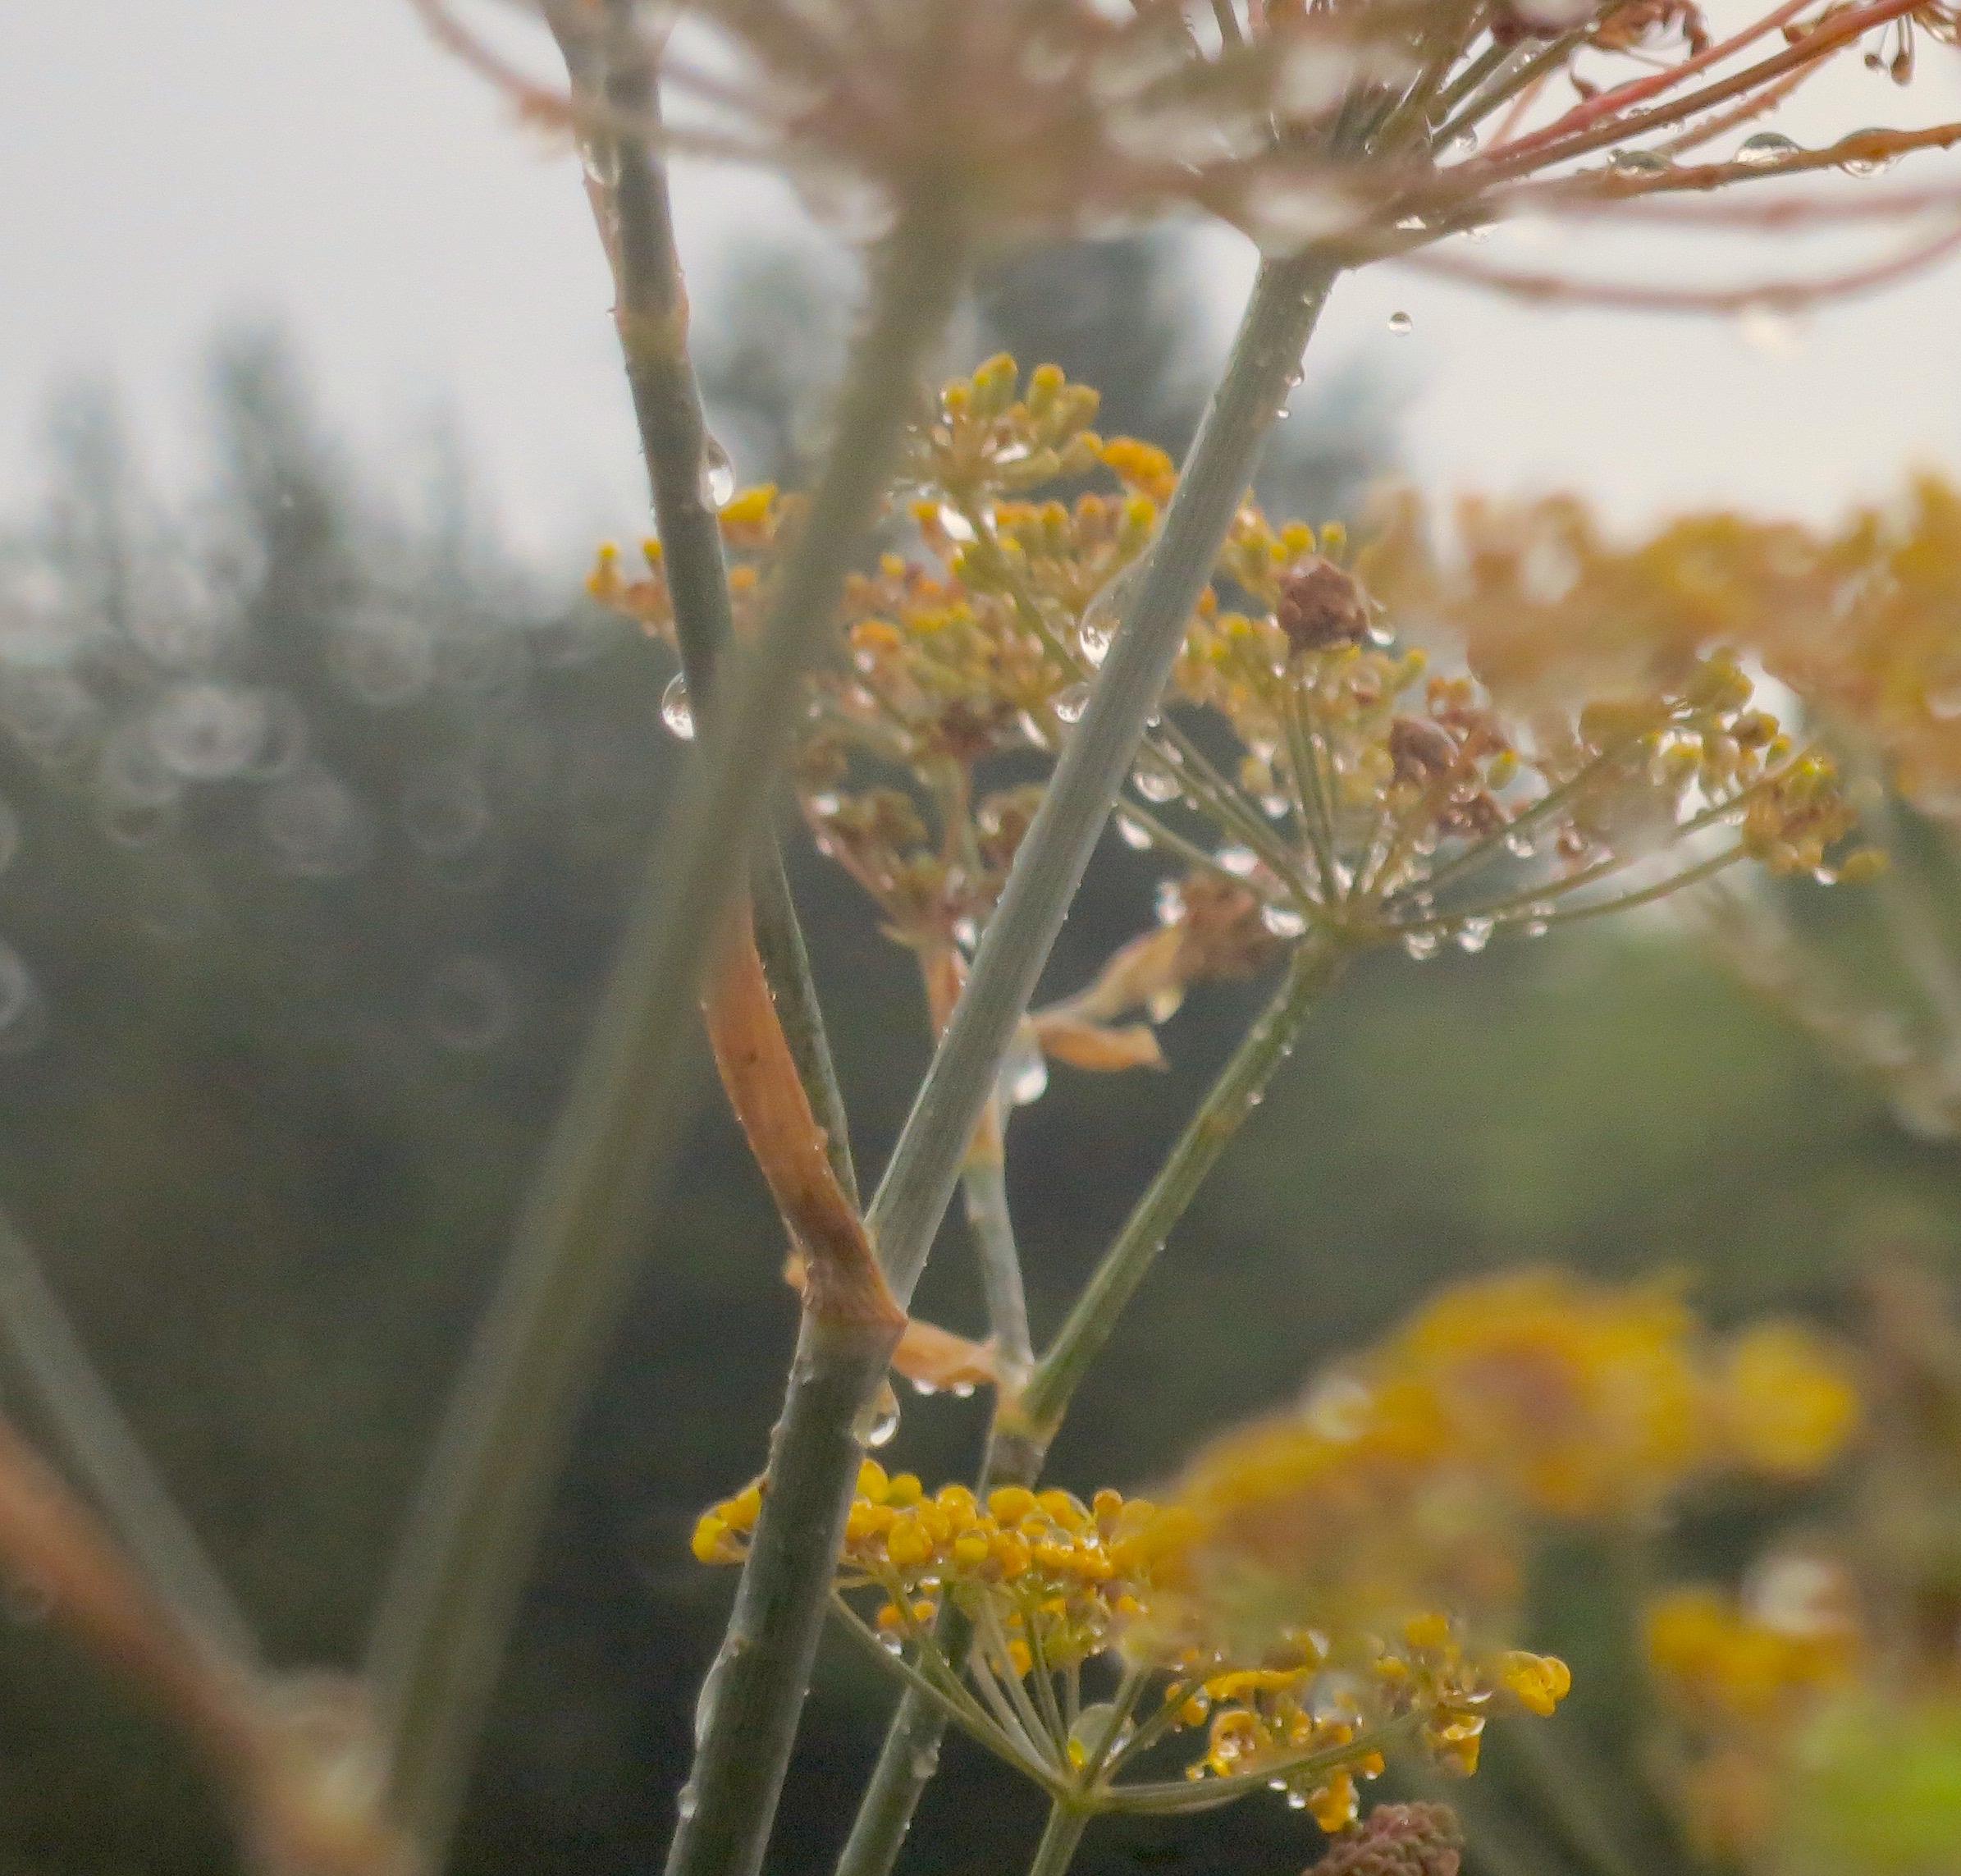 herbgardenrain